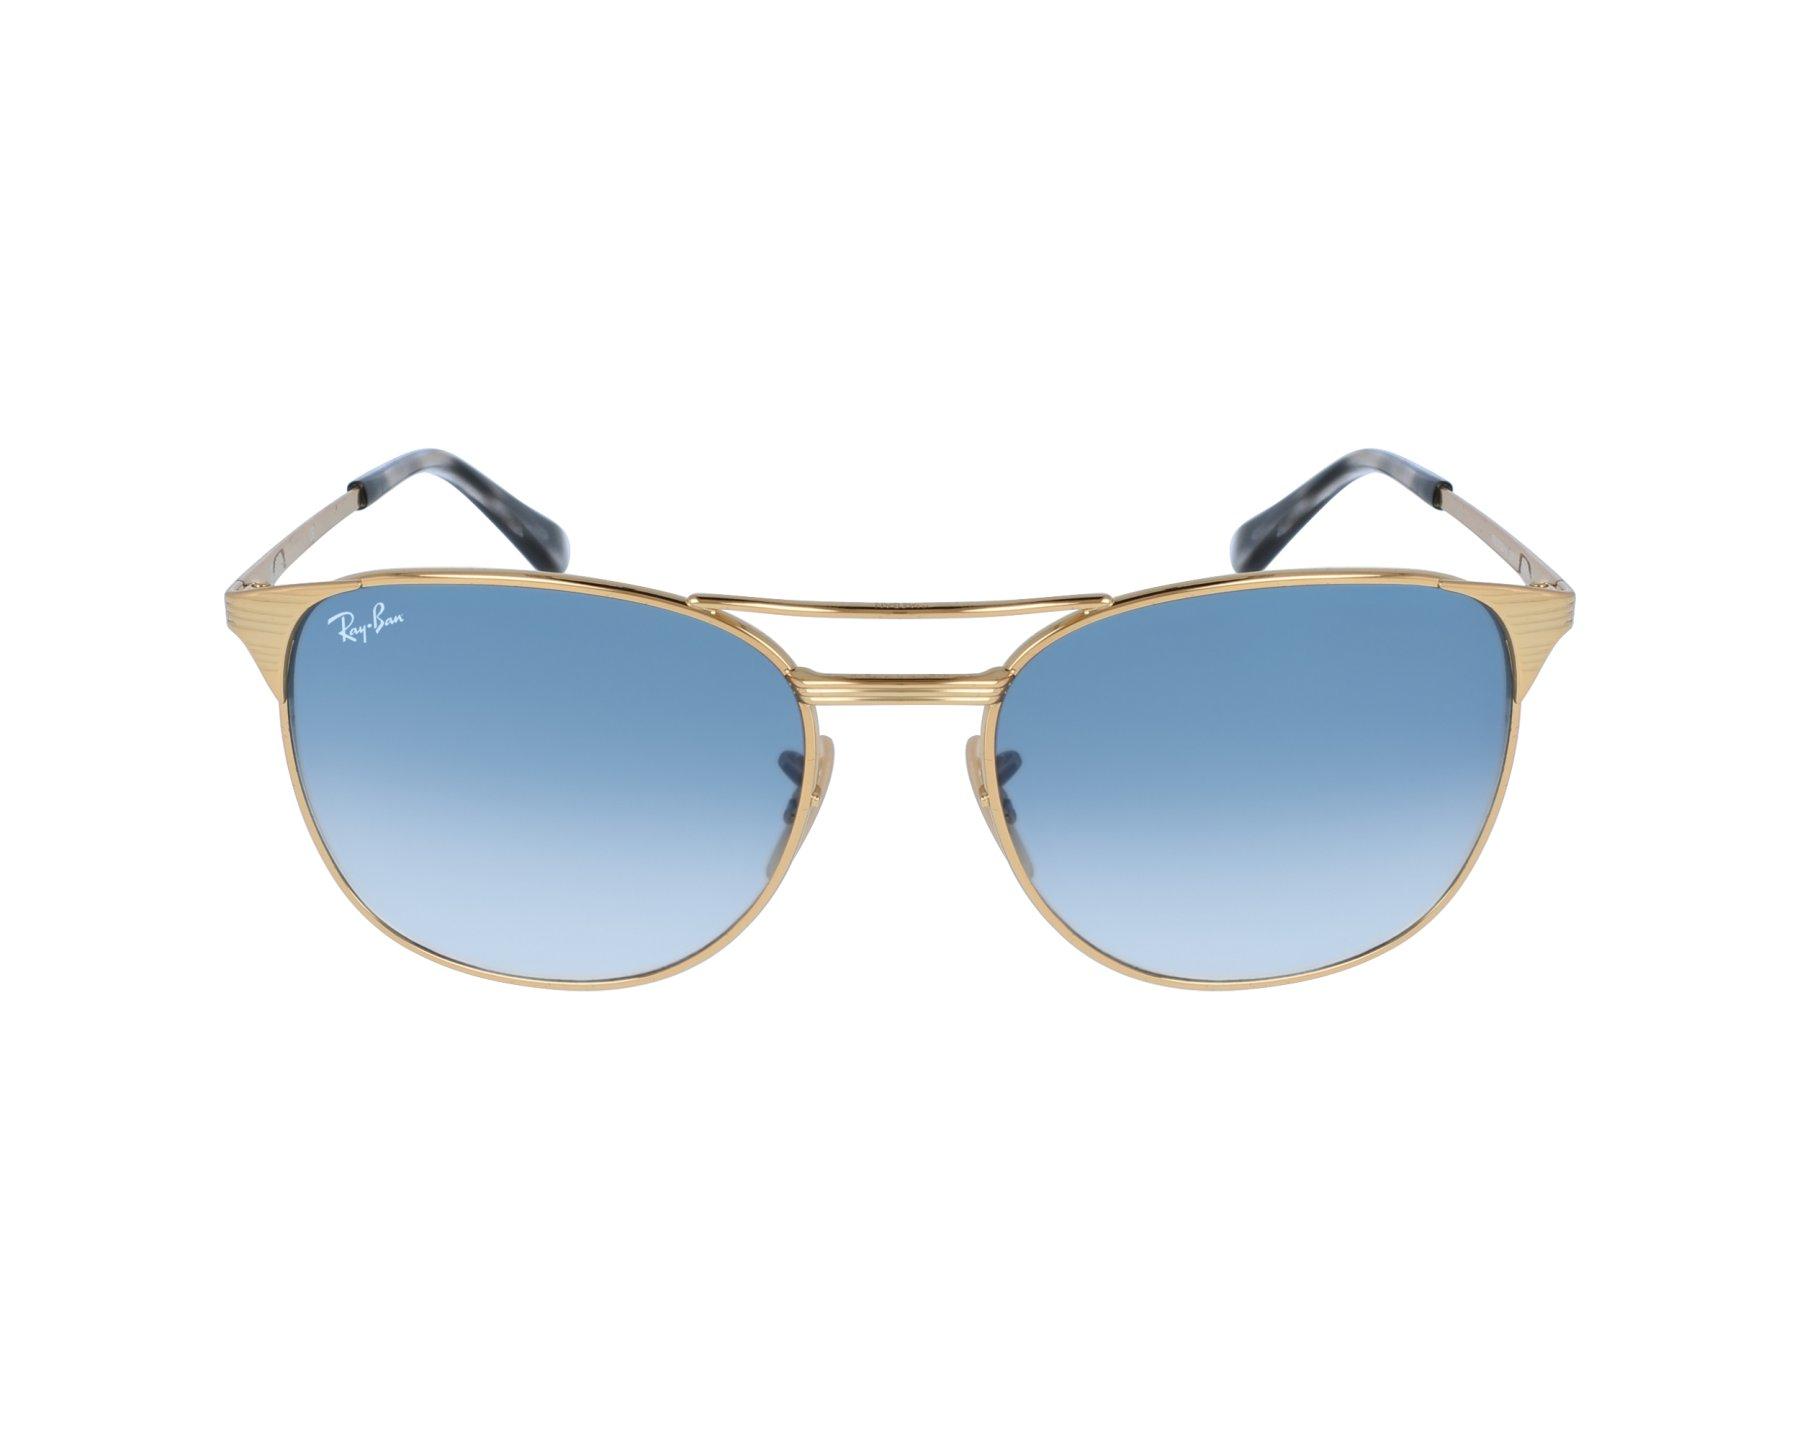 351fa2c56c8 Sunglasses Ray-Ban RB-3429-M 001 3F 58-19 Gold